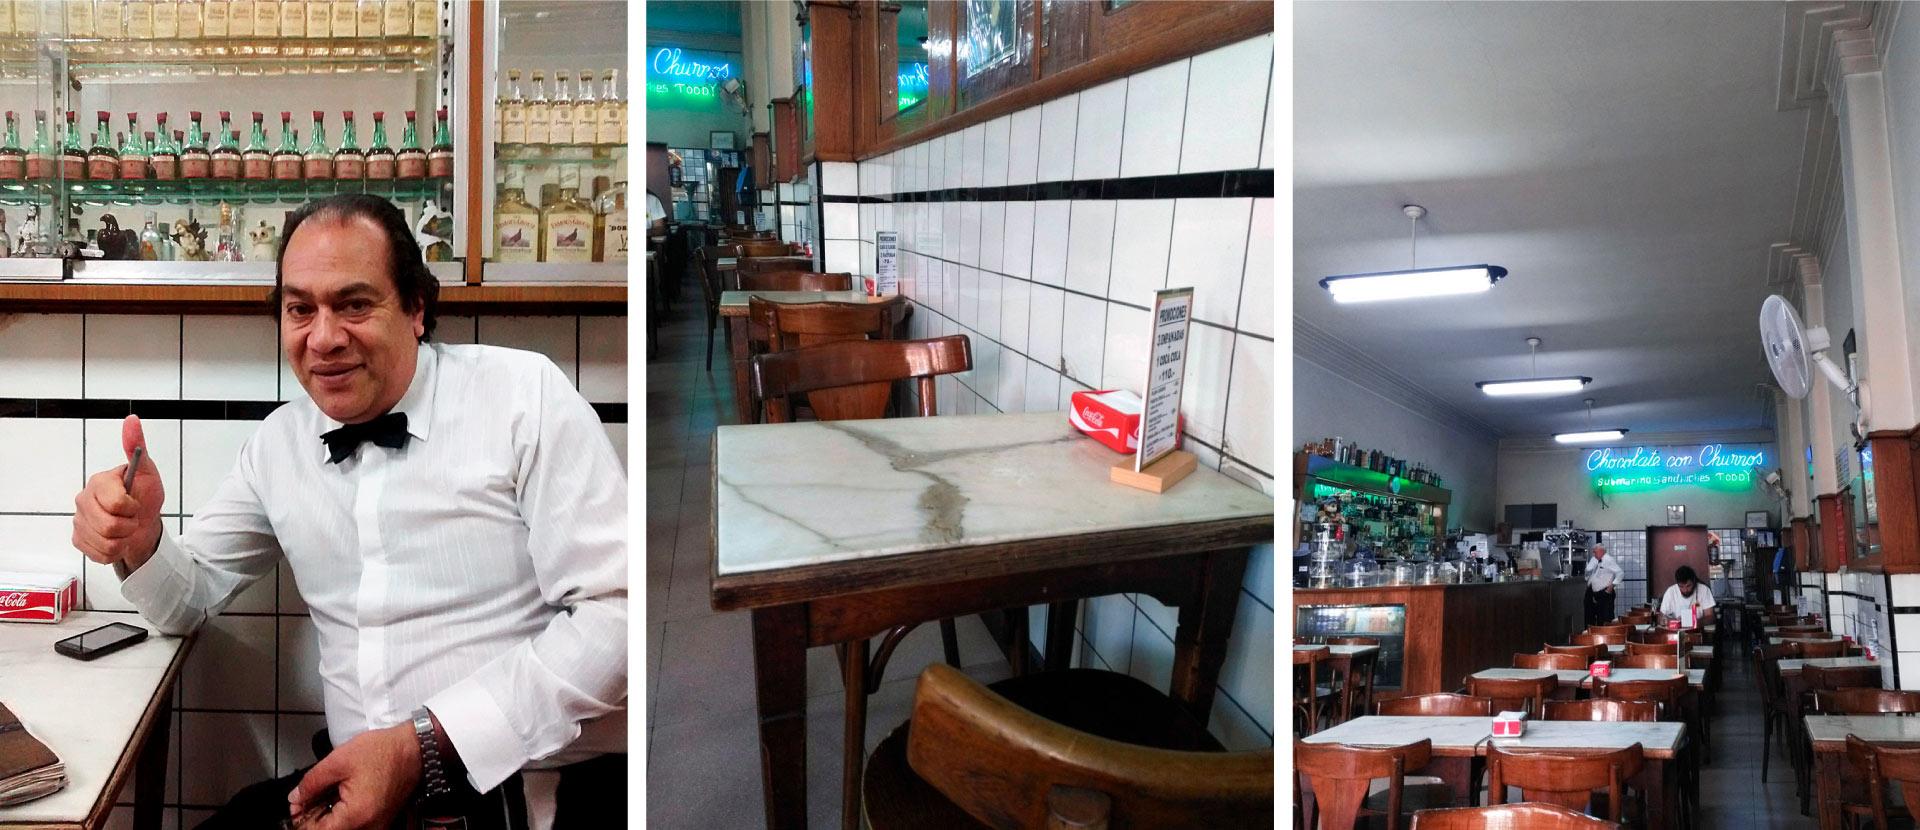 Buenos-Aires-es-un-bar-que-cerró_02 (1)